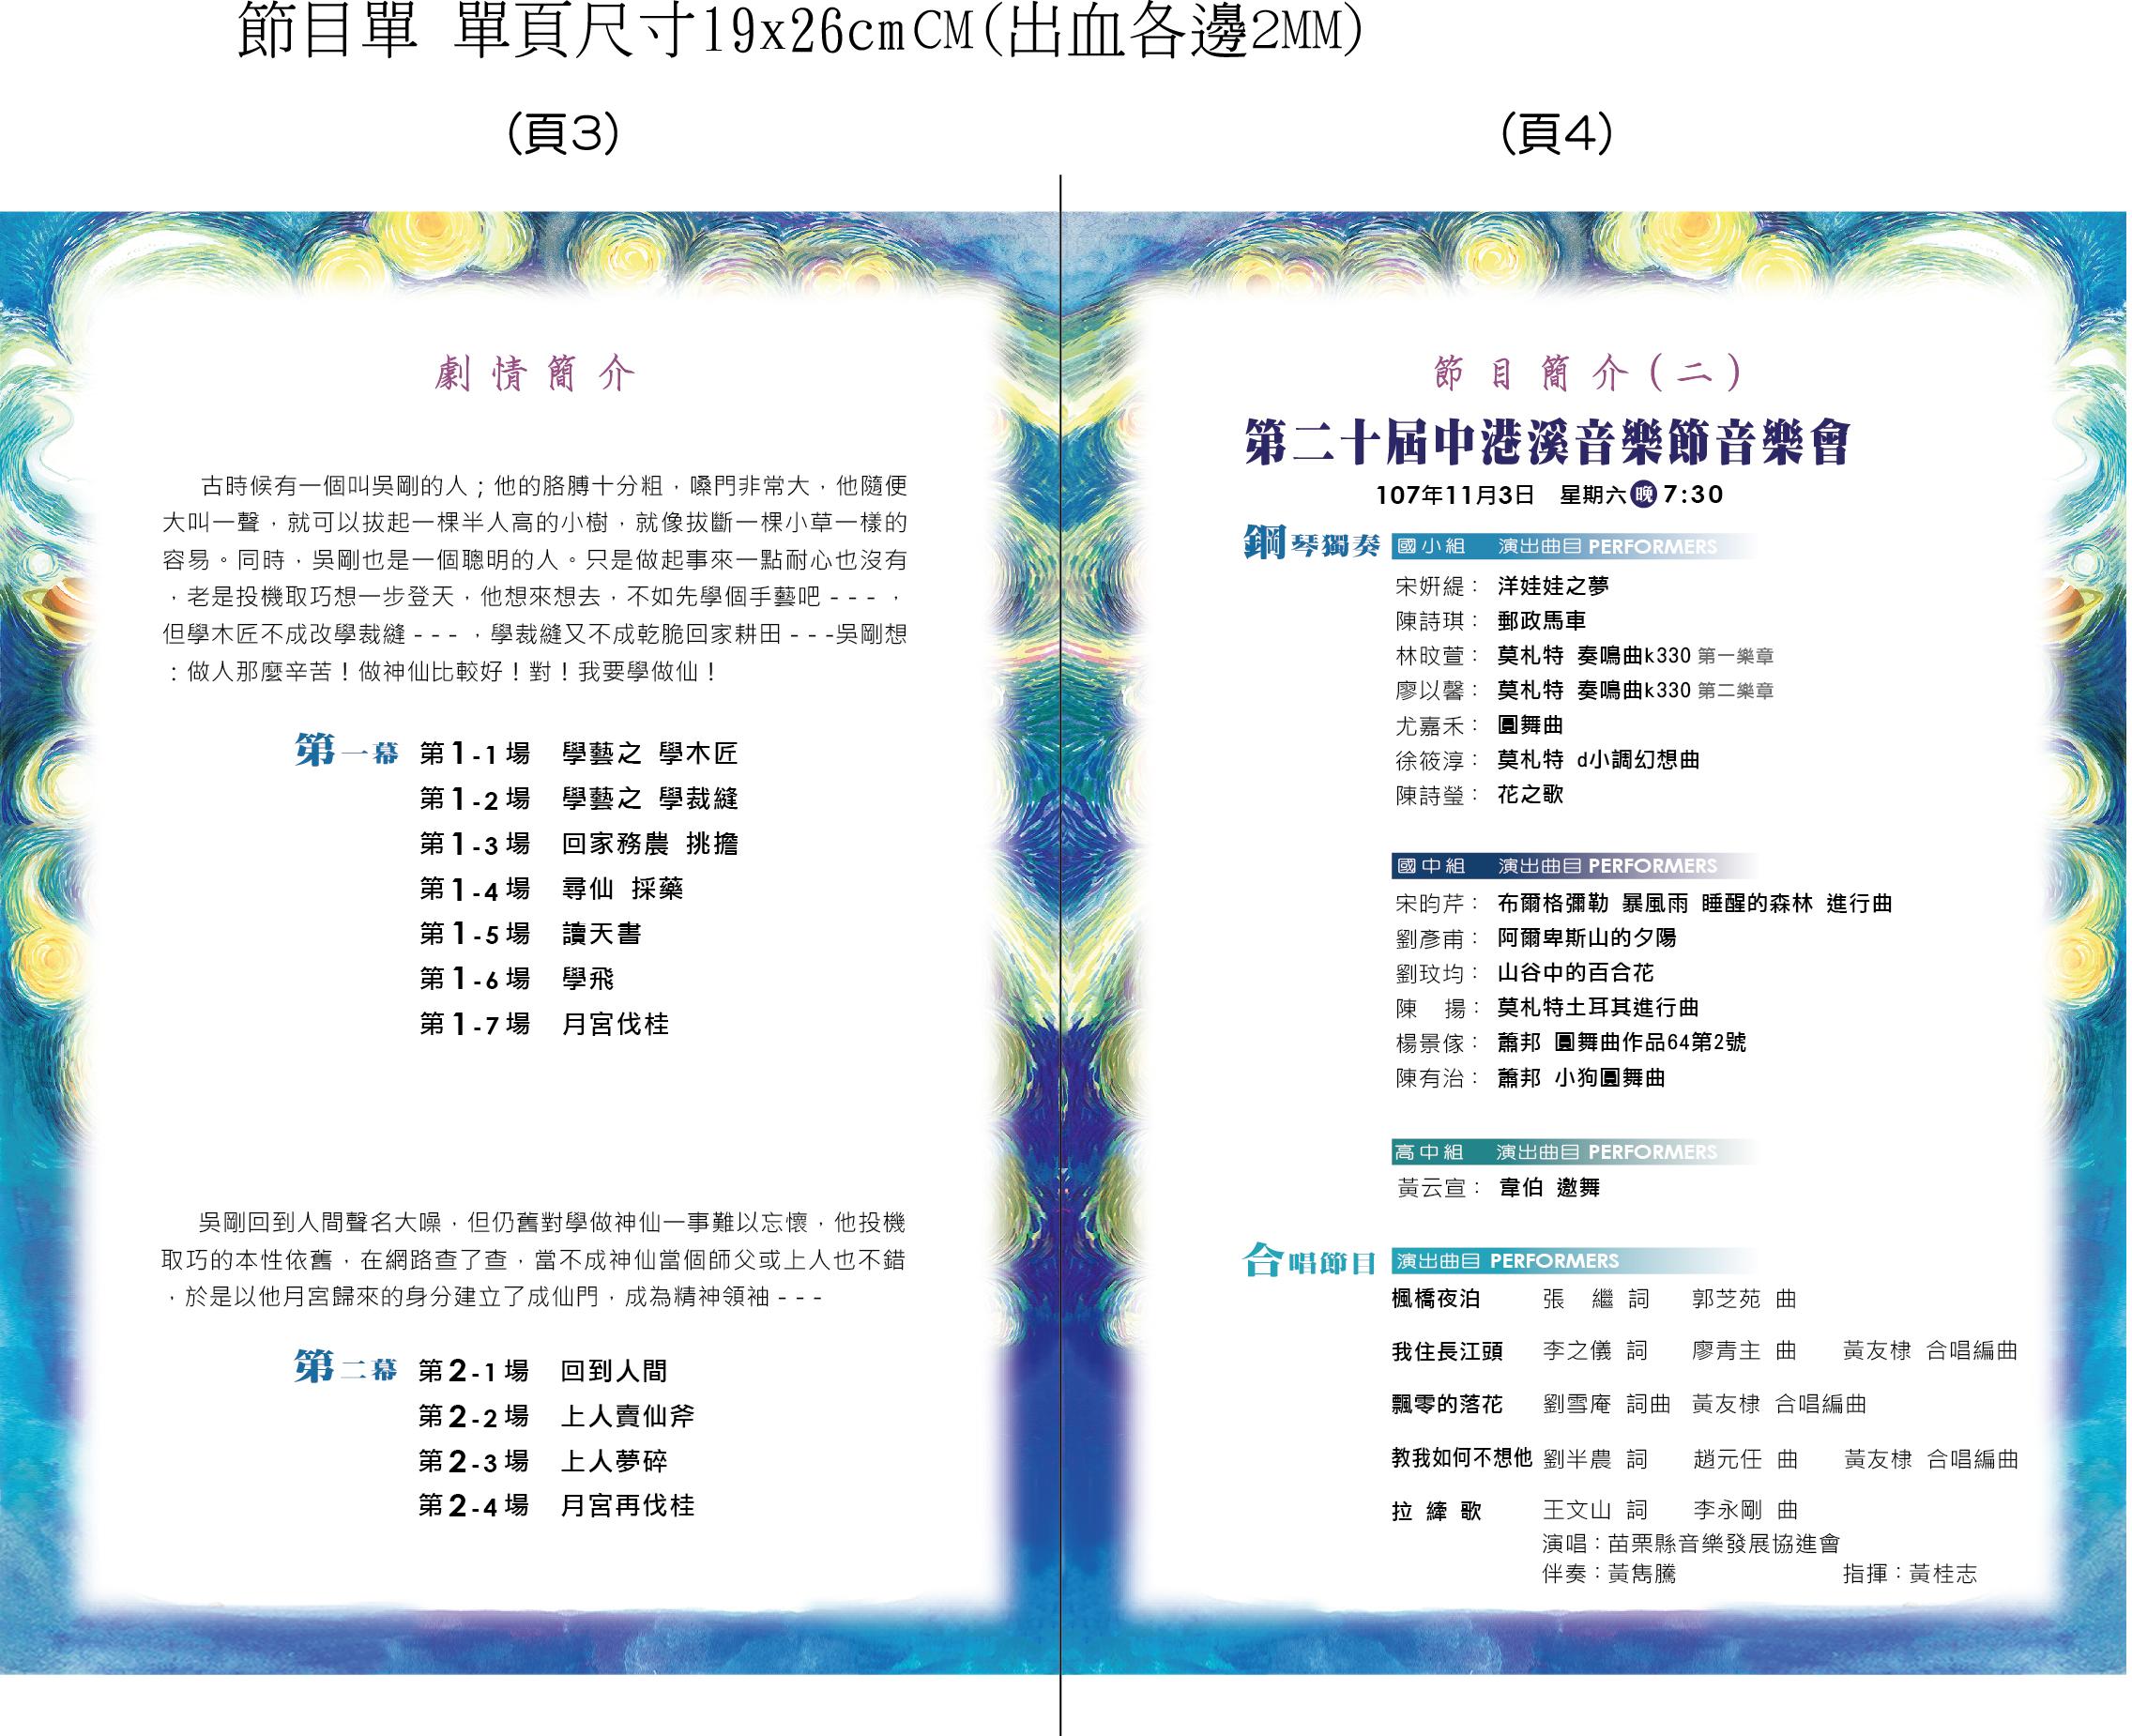 節目單03-04.jpg